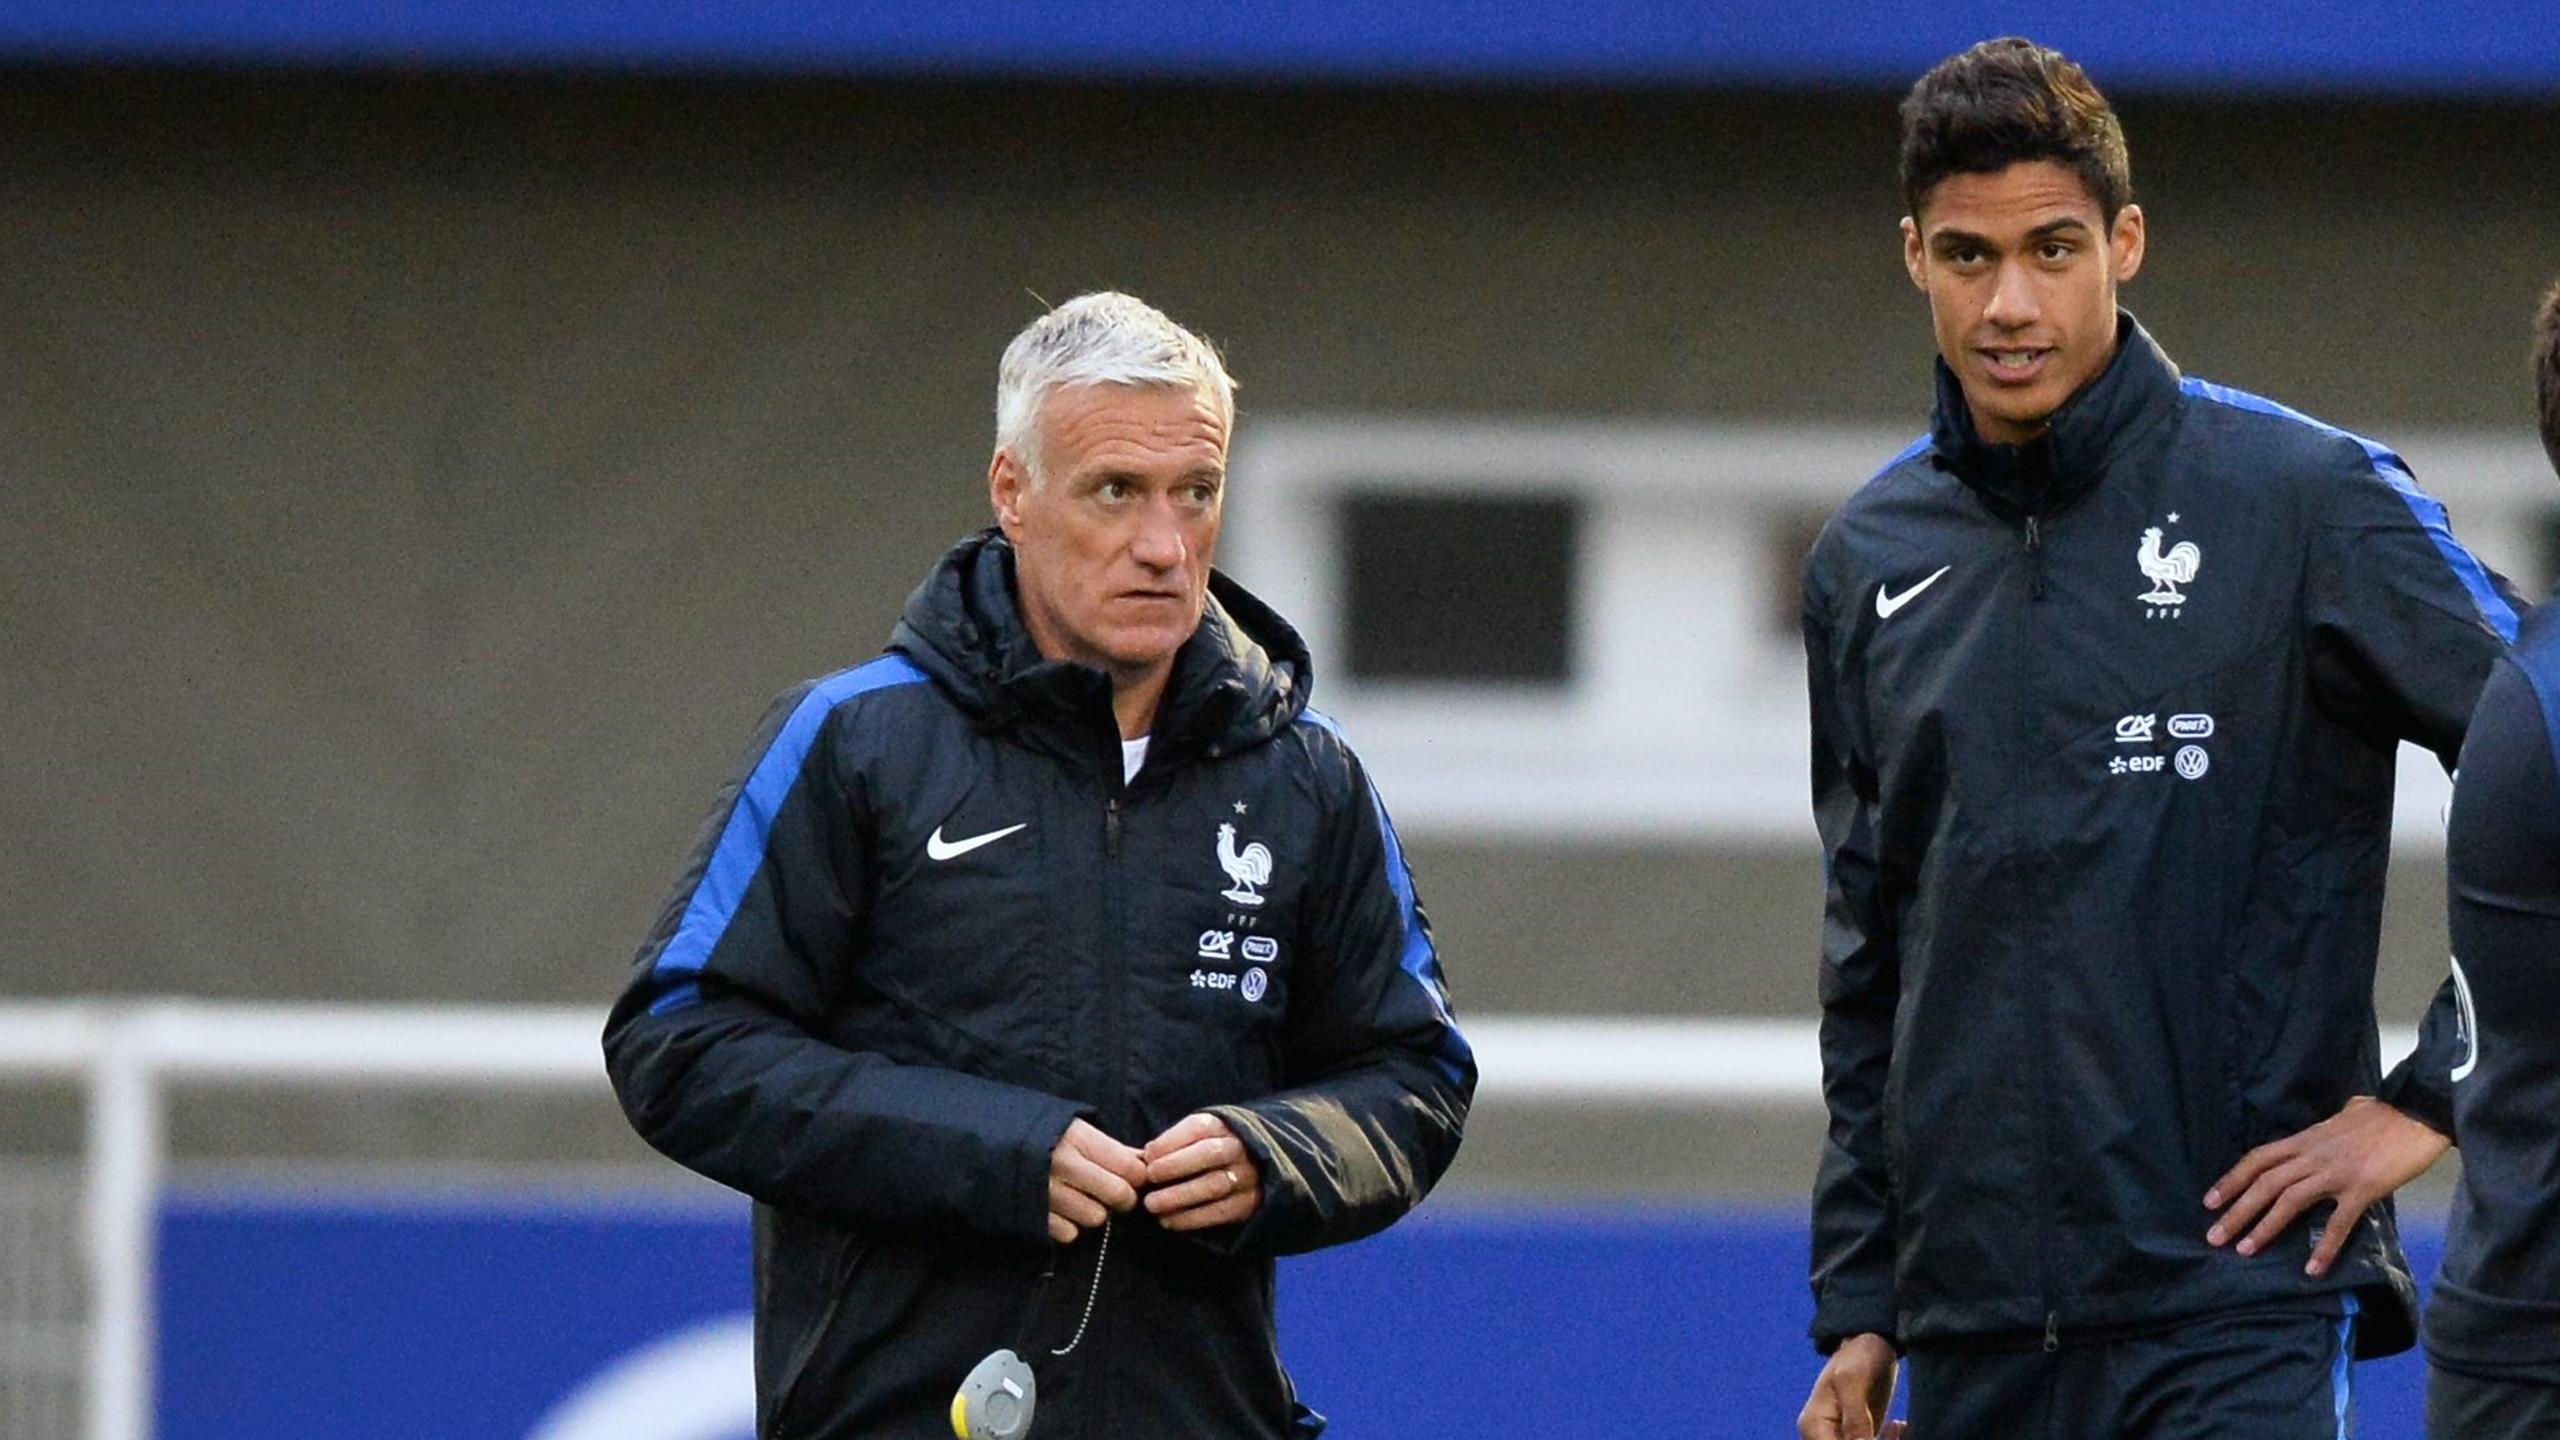 Raphaël Varane en discussions avec Didier Deschamps lors d'un entraînement des Bleus en novembre dernier